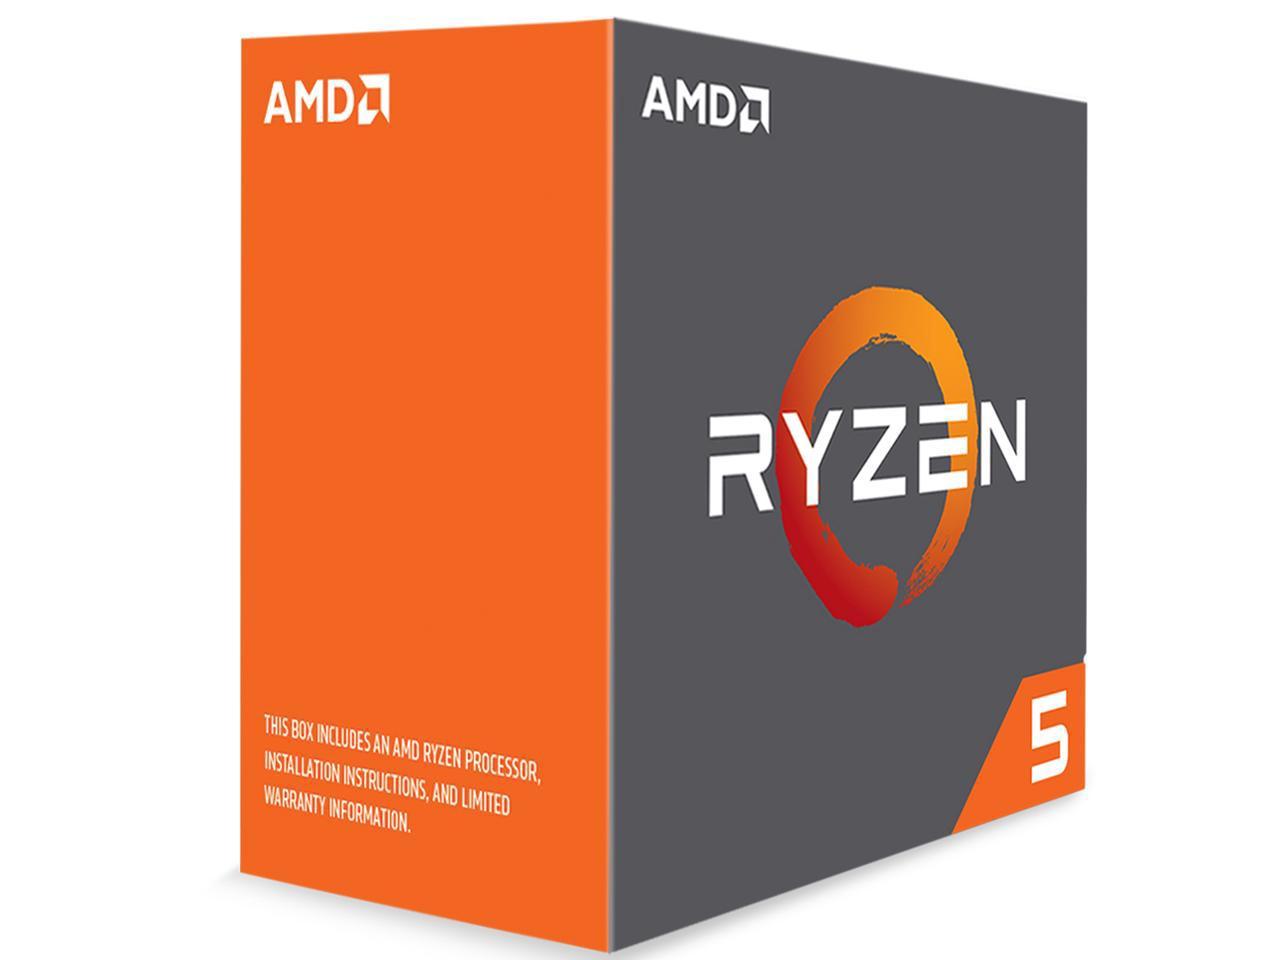 AMD RYZEN 5 1600X 6-Core 3.6 GHz CPU $190AC